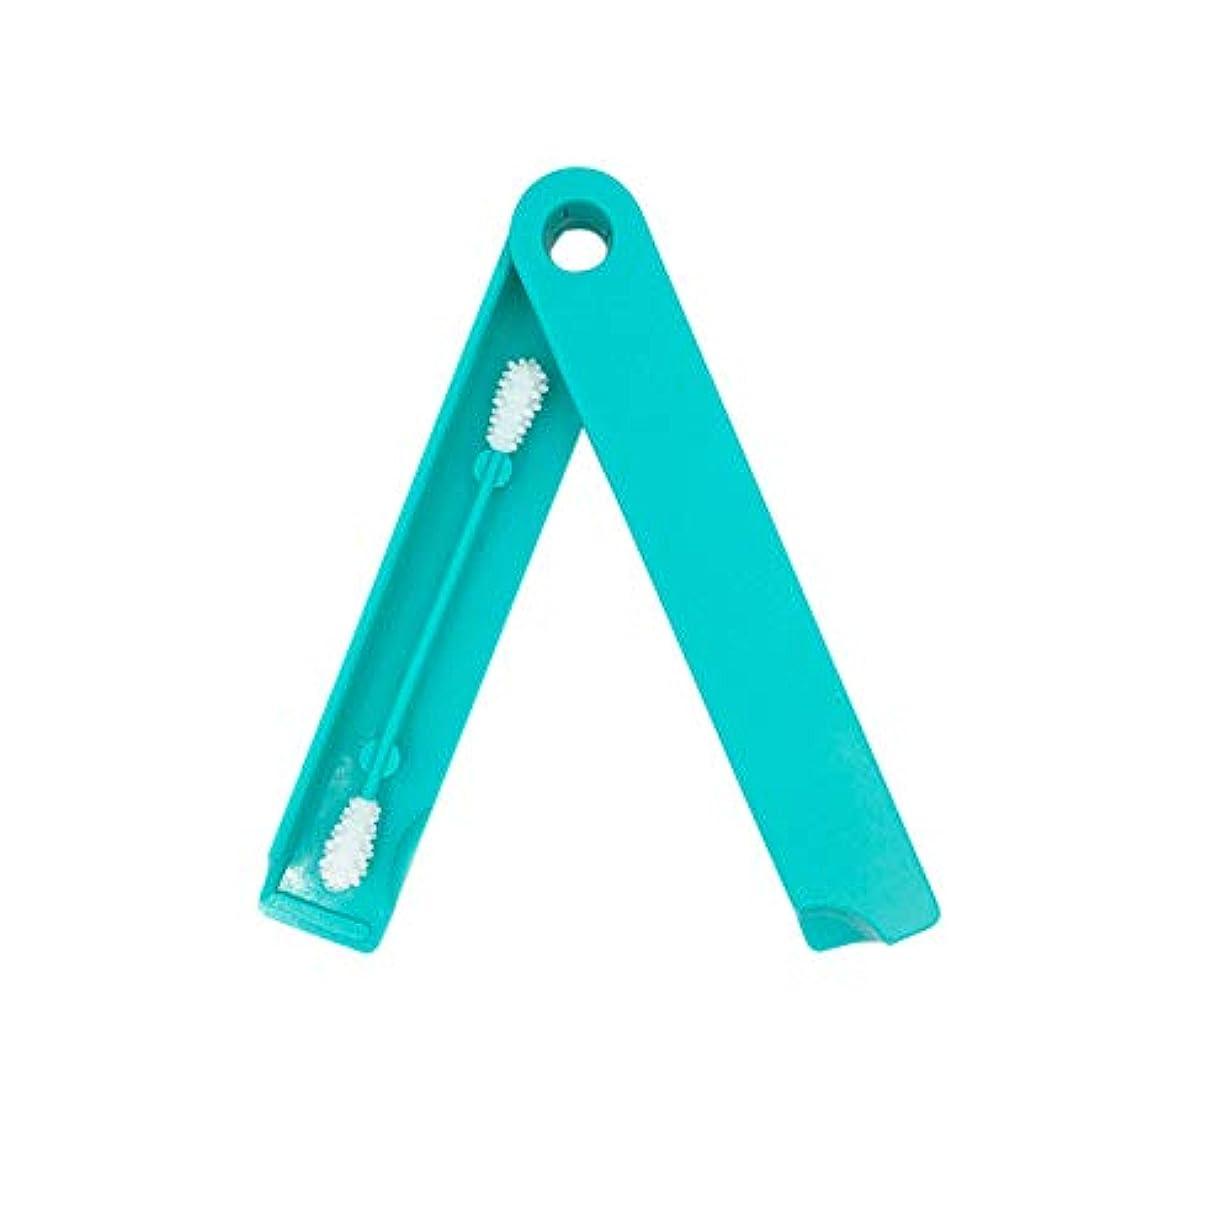 変化する大気味方ACHICOO 1 Pcの再使用可能なシリコーン綿棒の女性の化粧用綿棒の先端 青